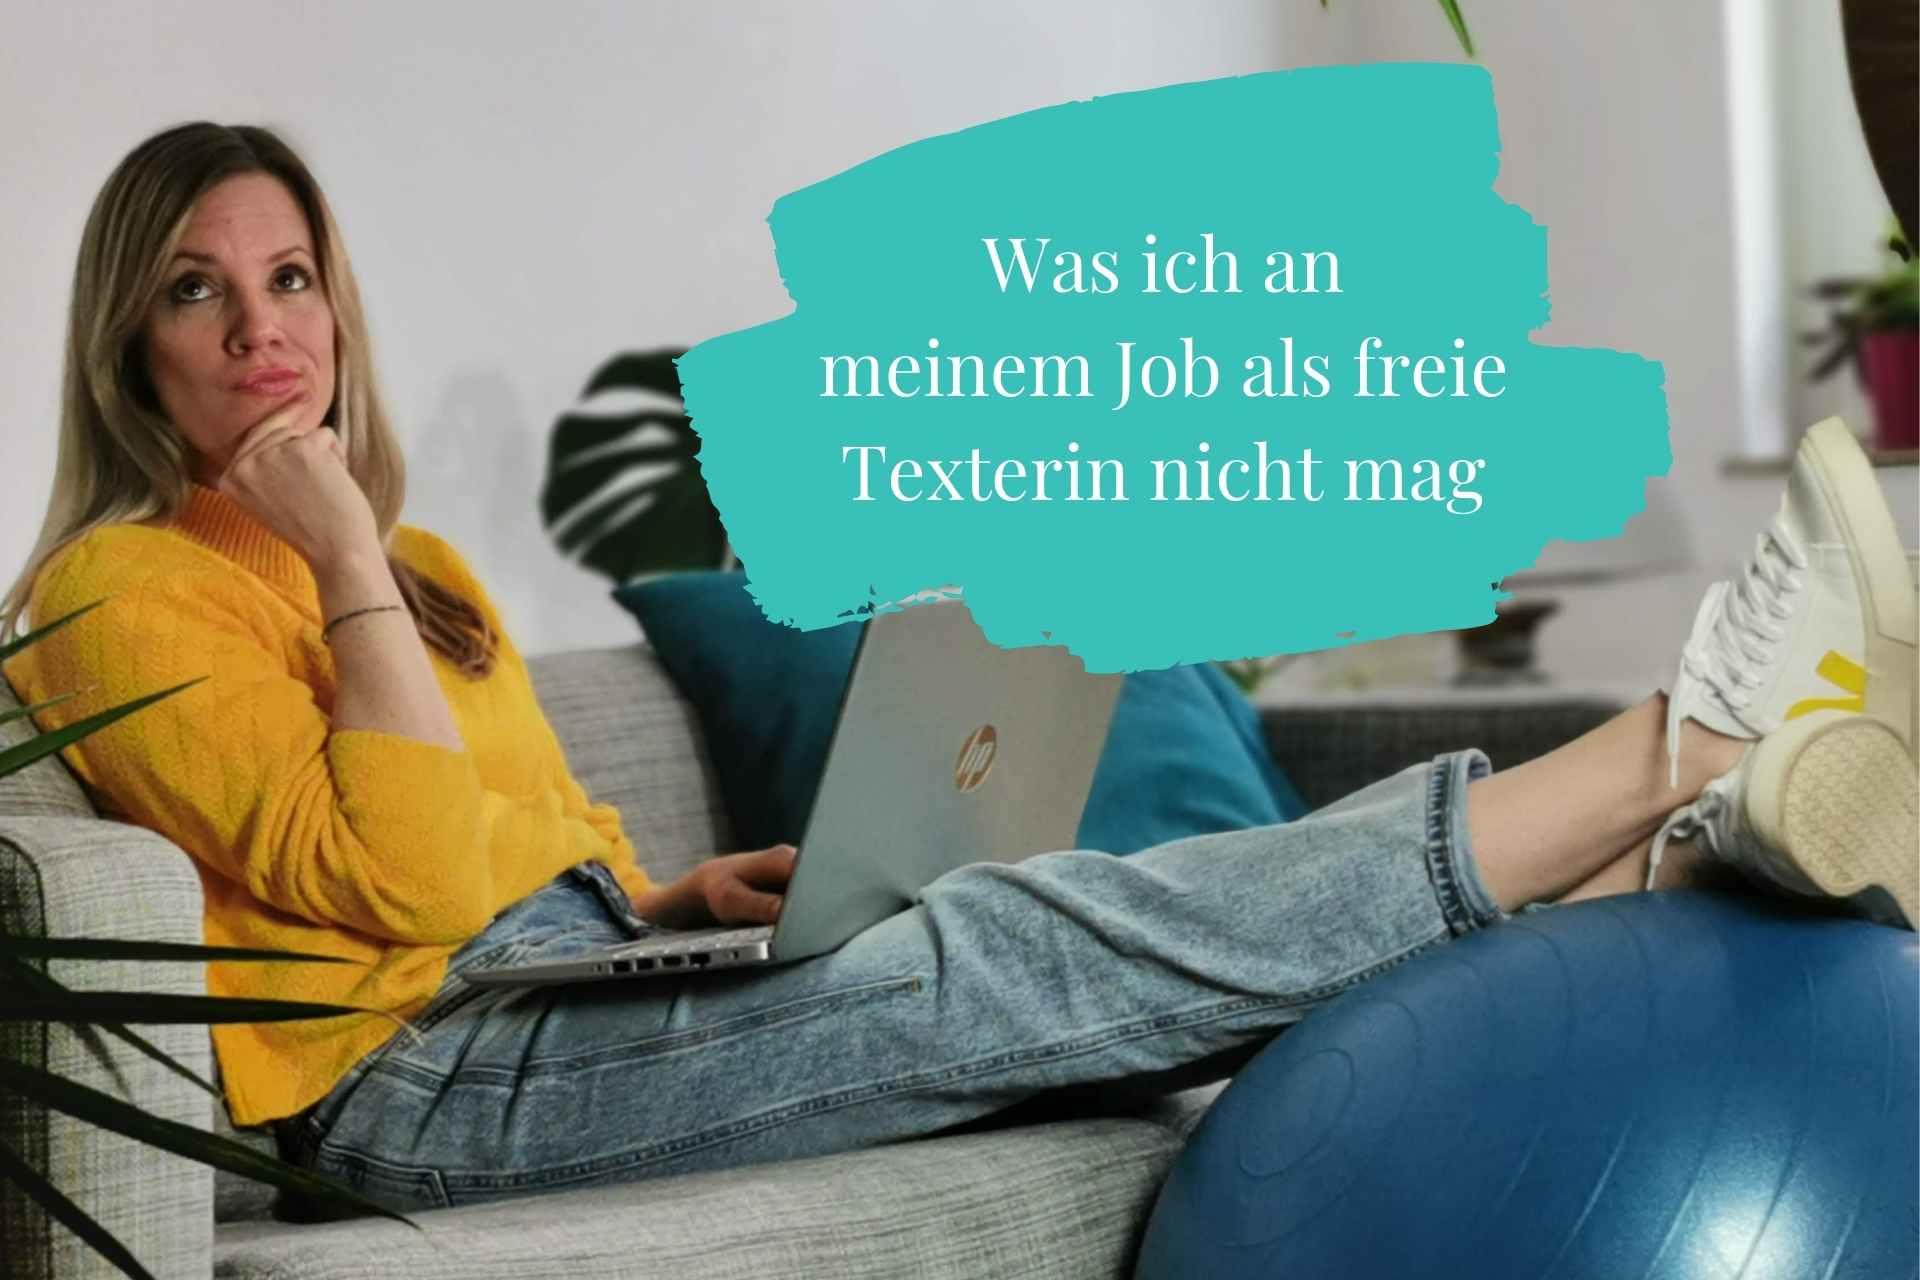 Nadja Hinz freie Texterin sitzt auf Sofa und schaut nachdenklich